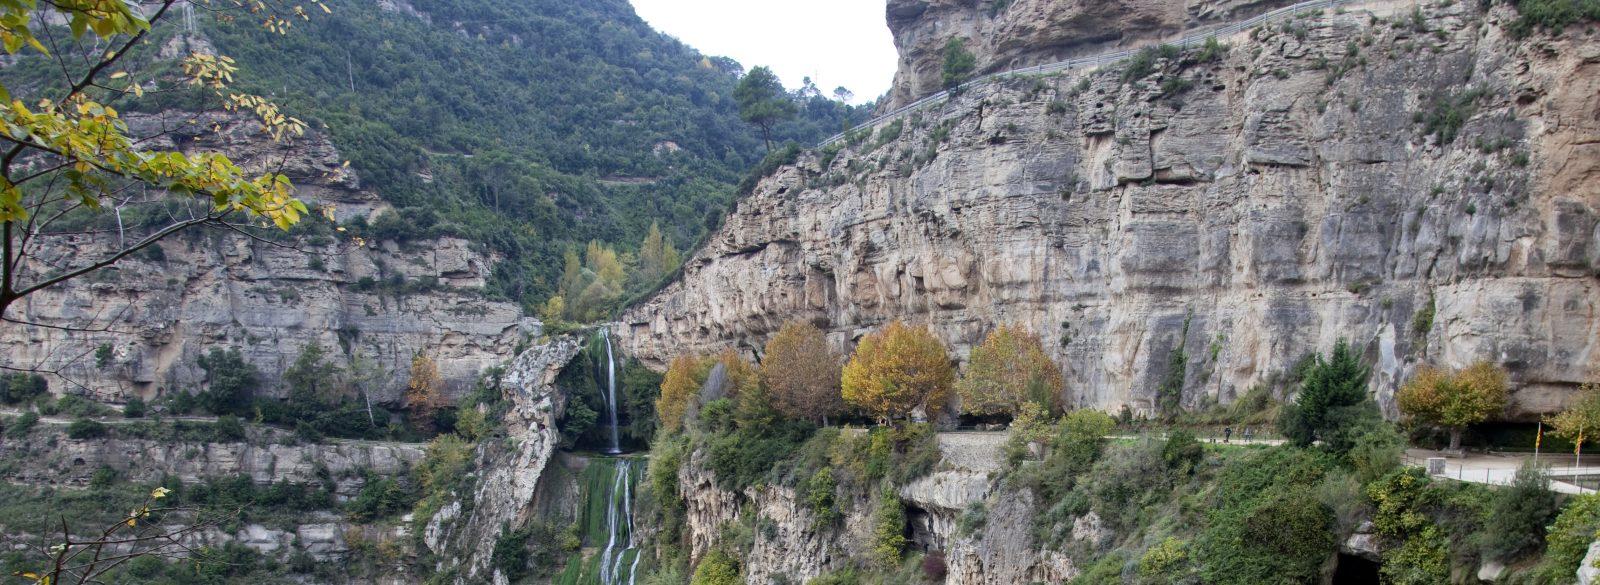 13a---Cascada-a-Sant-Miquel-del-Fai-©-Daniel-Julian-Rafols